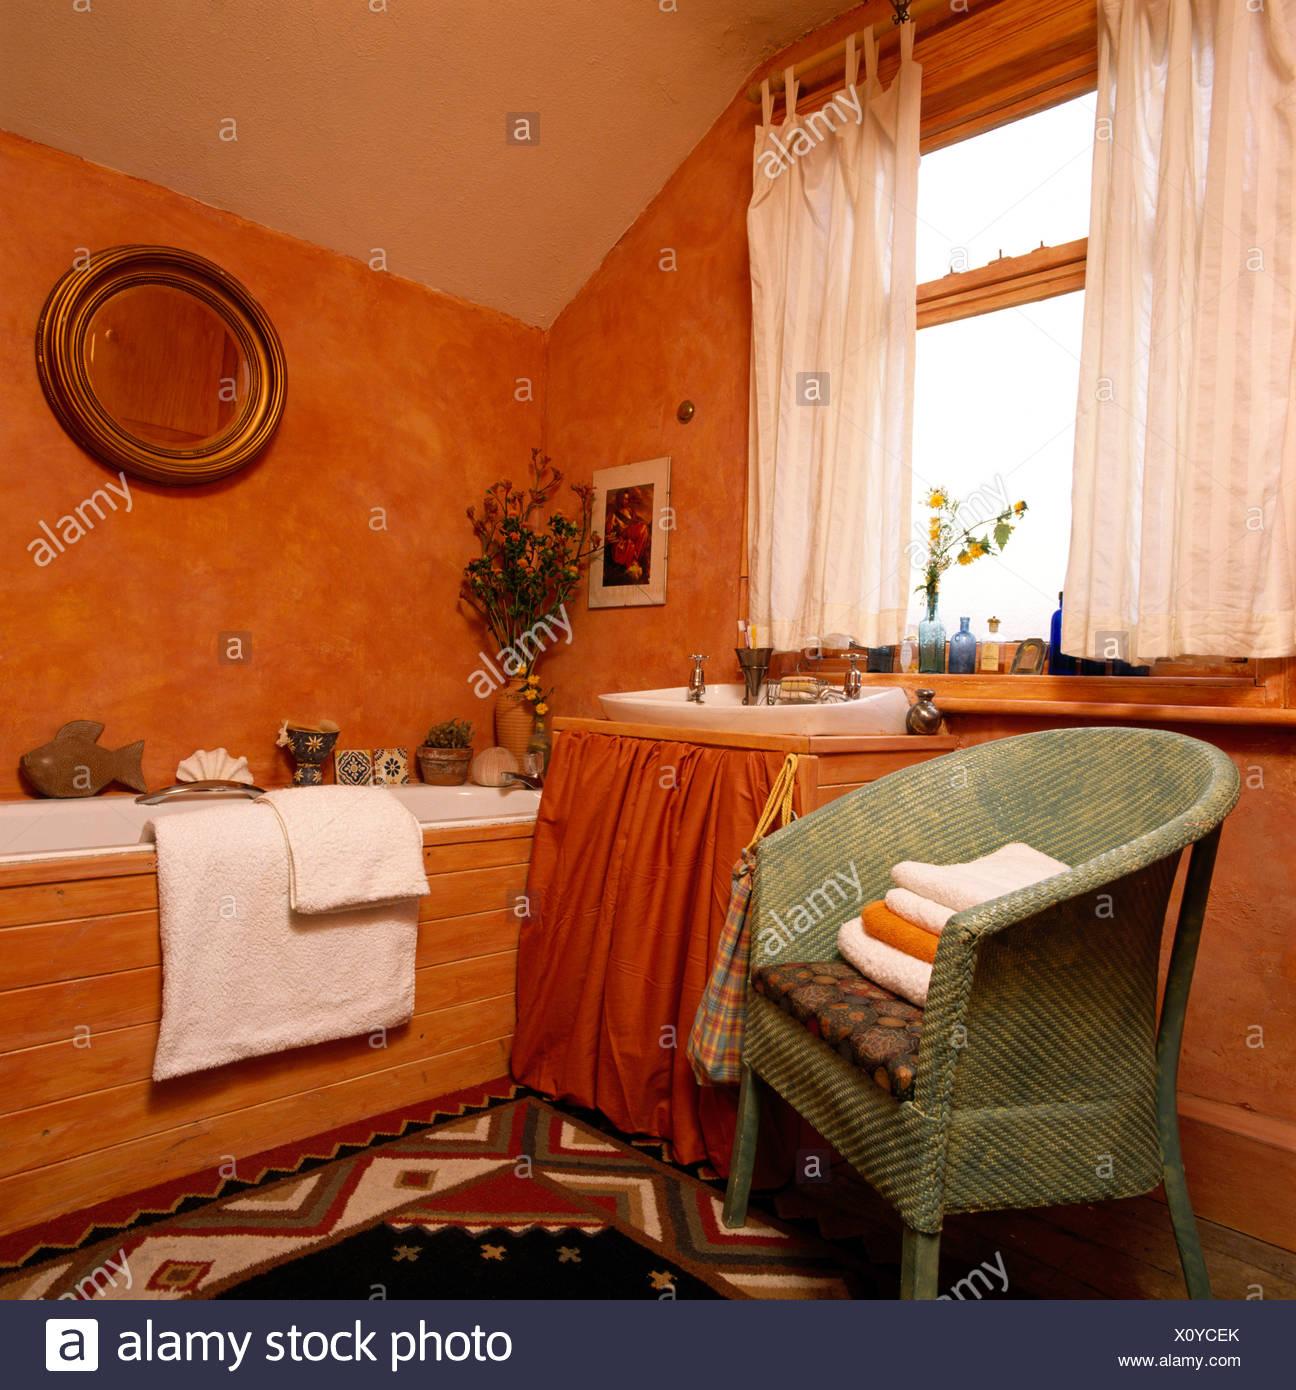 Peinture À L Éponge Sur Mur chaise lloyd loom peint et des rideaux blancs dans la salle